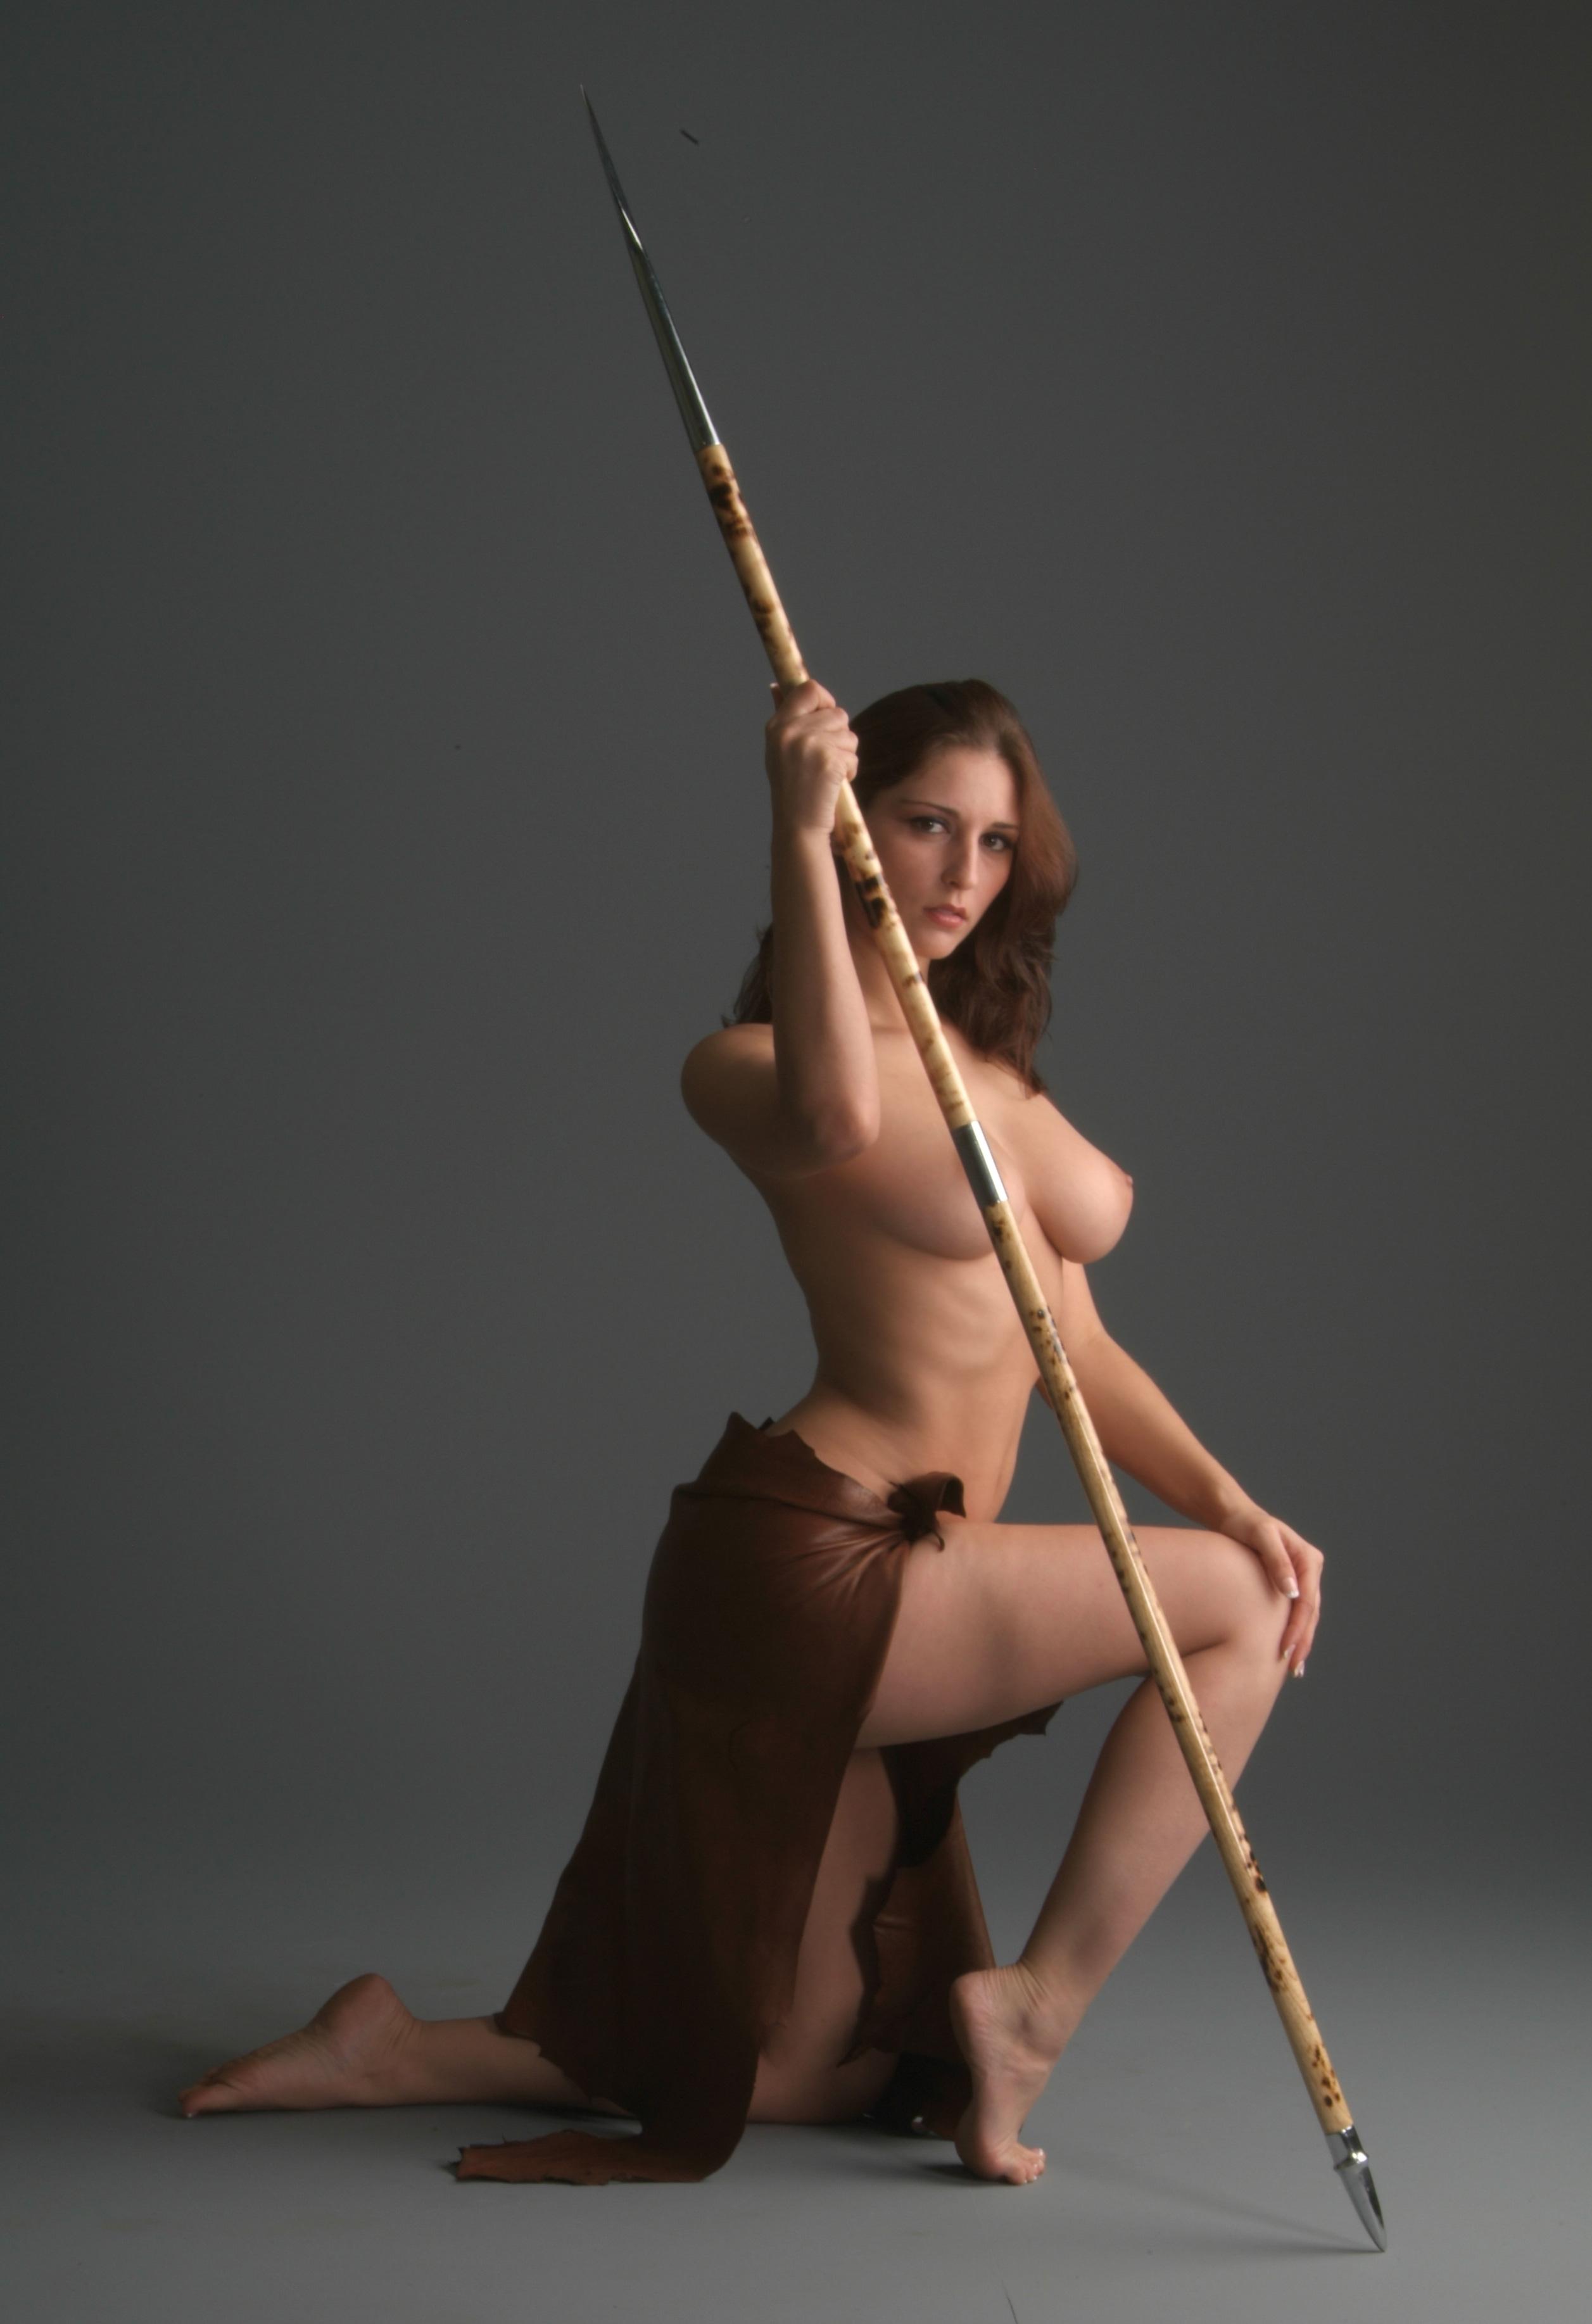 Фотосессия голых моделей с мечом, частное порно фото анала